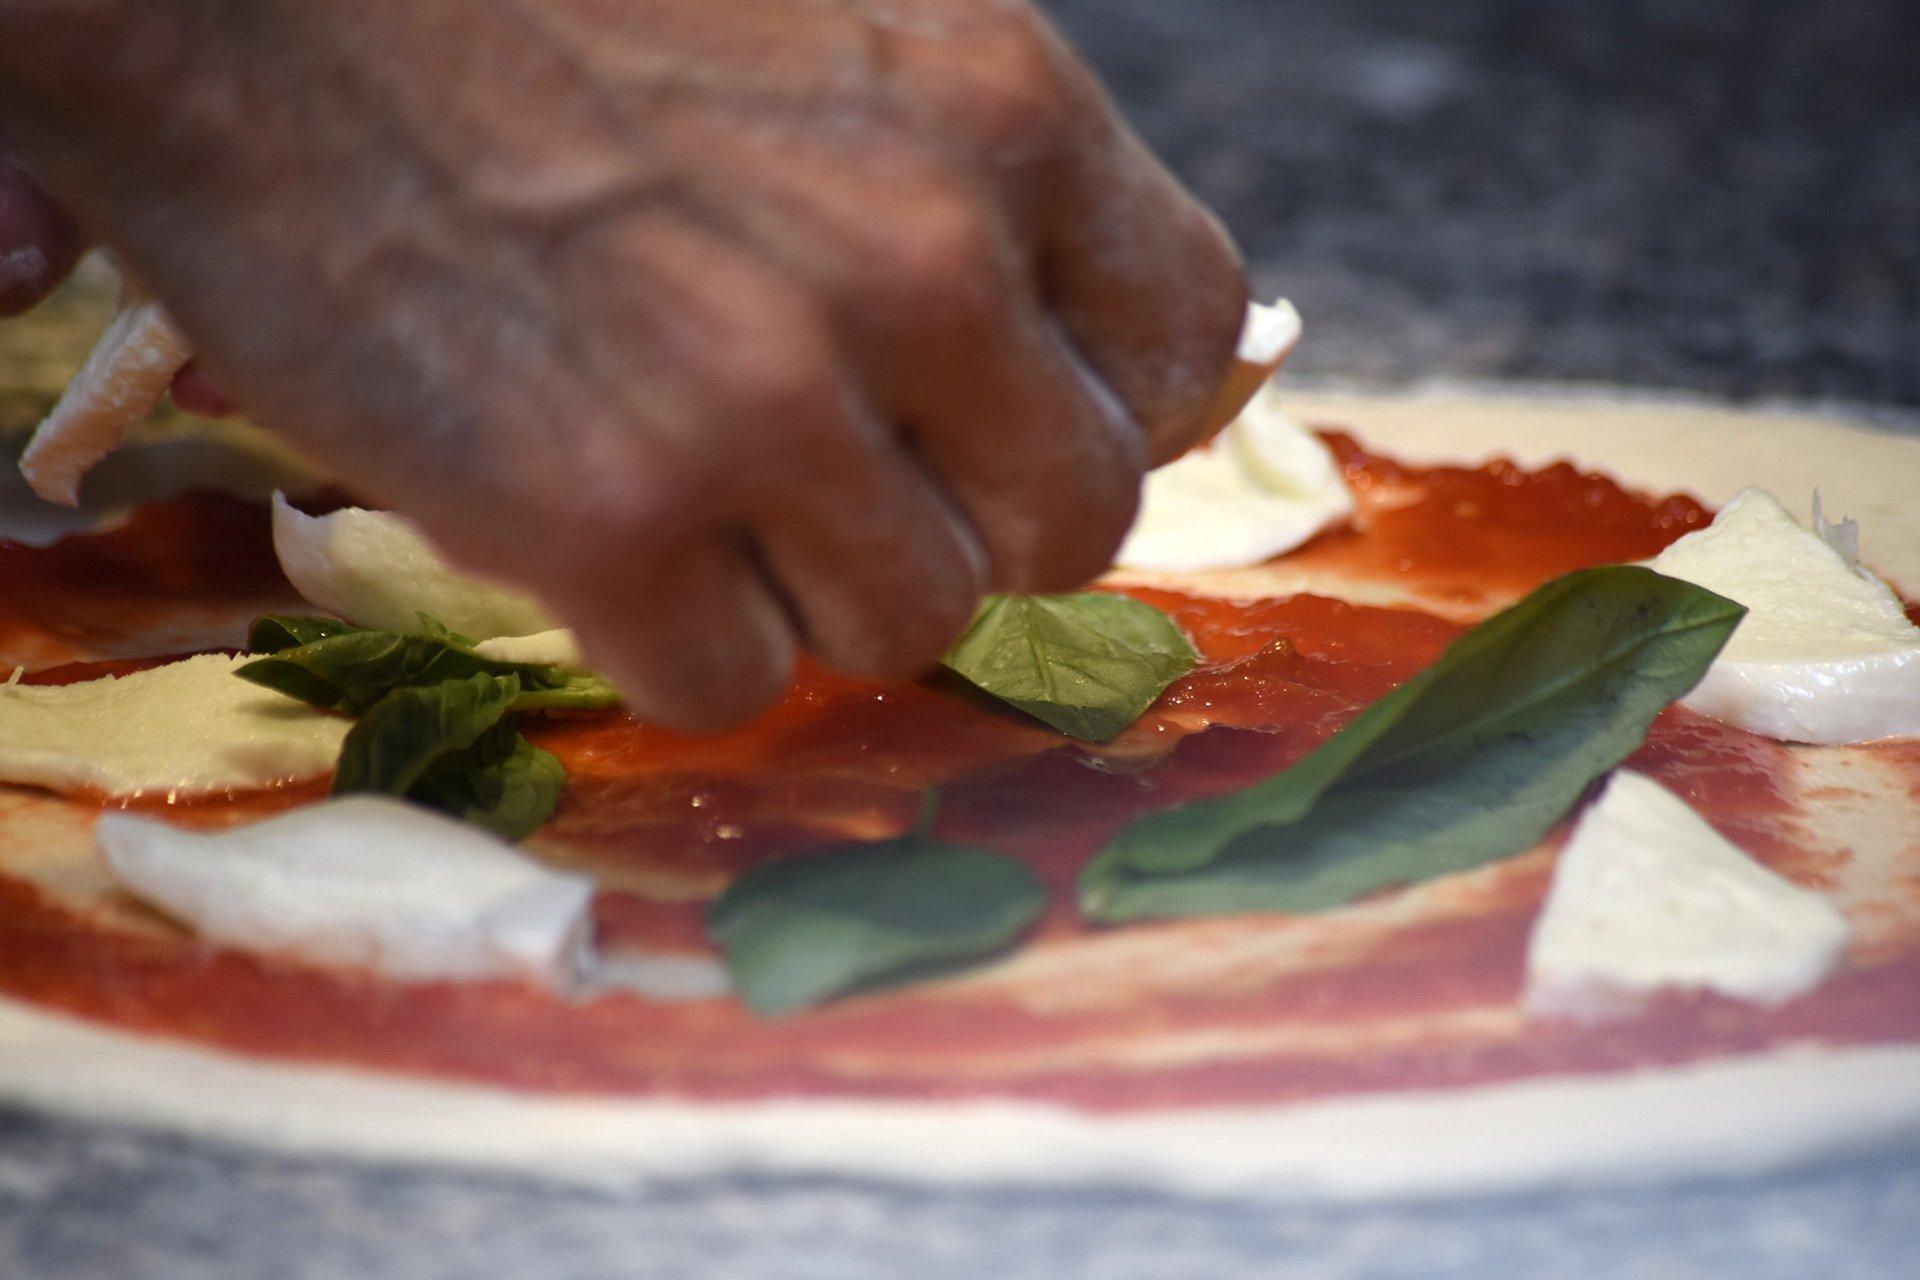 Il pizzaiolo prepara una pizza margherita con mozzarella di bufala